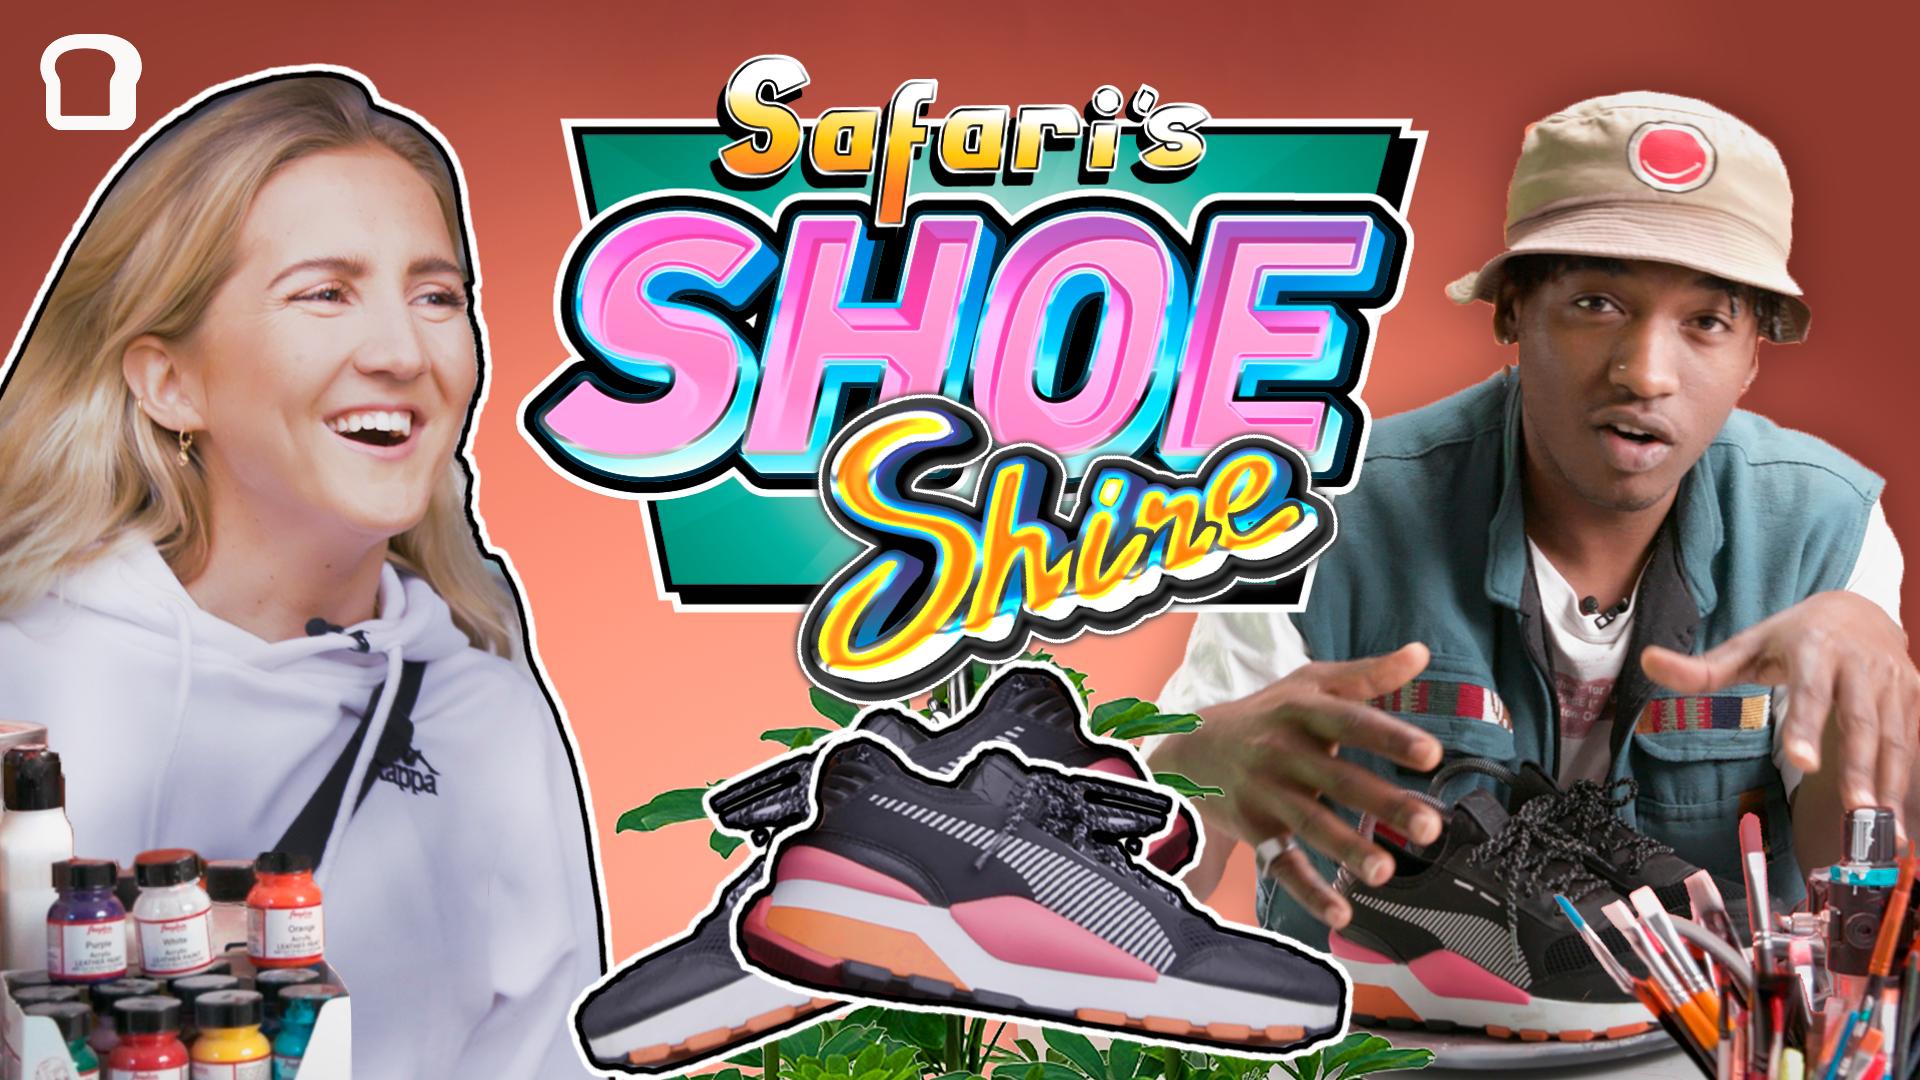 Safari får et par sko Nora kun har brukt én gang. De er megafreshe, men passet ikke bra nok på Noras føtter. Nå blir de pimpet av Safari, og er klare for å trekkes ut til en ny eier som passer de hakket bedre en Nora.